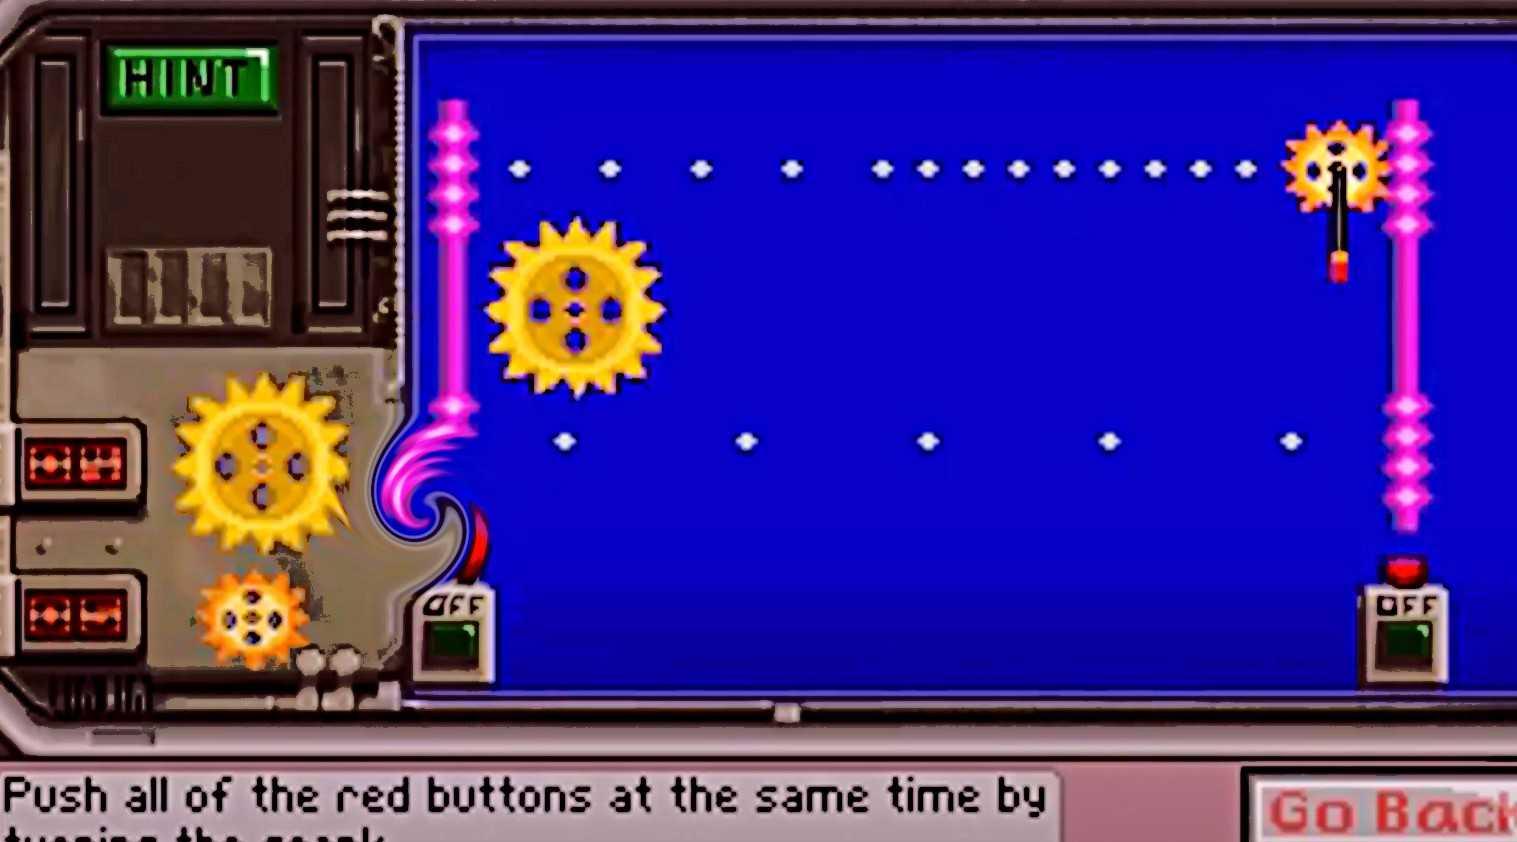 Лучшие компьютерные игры на развитие внимания, памяти и мышления